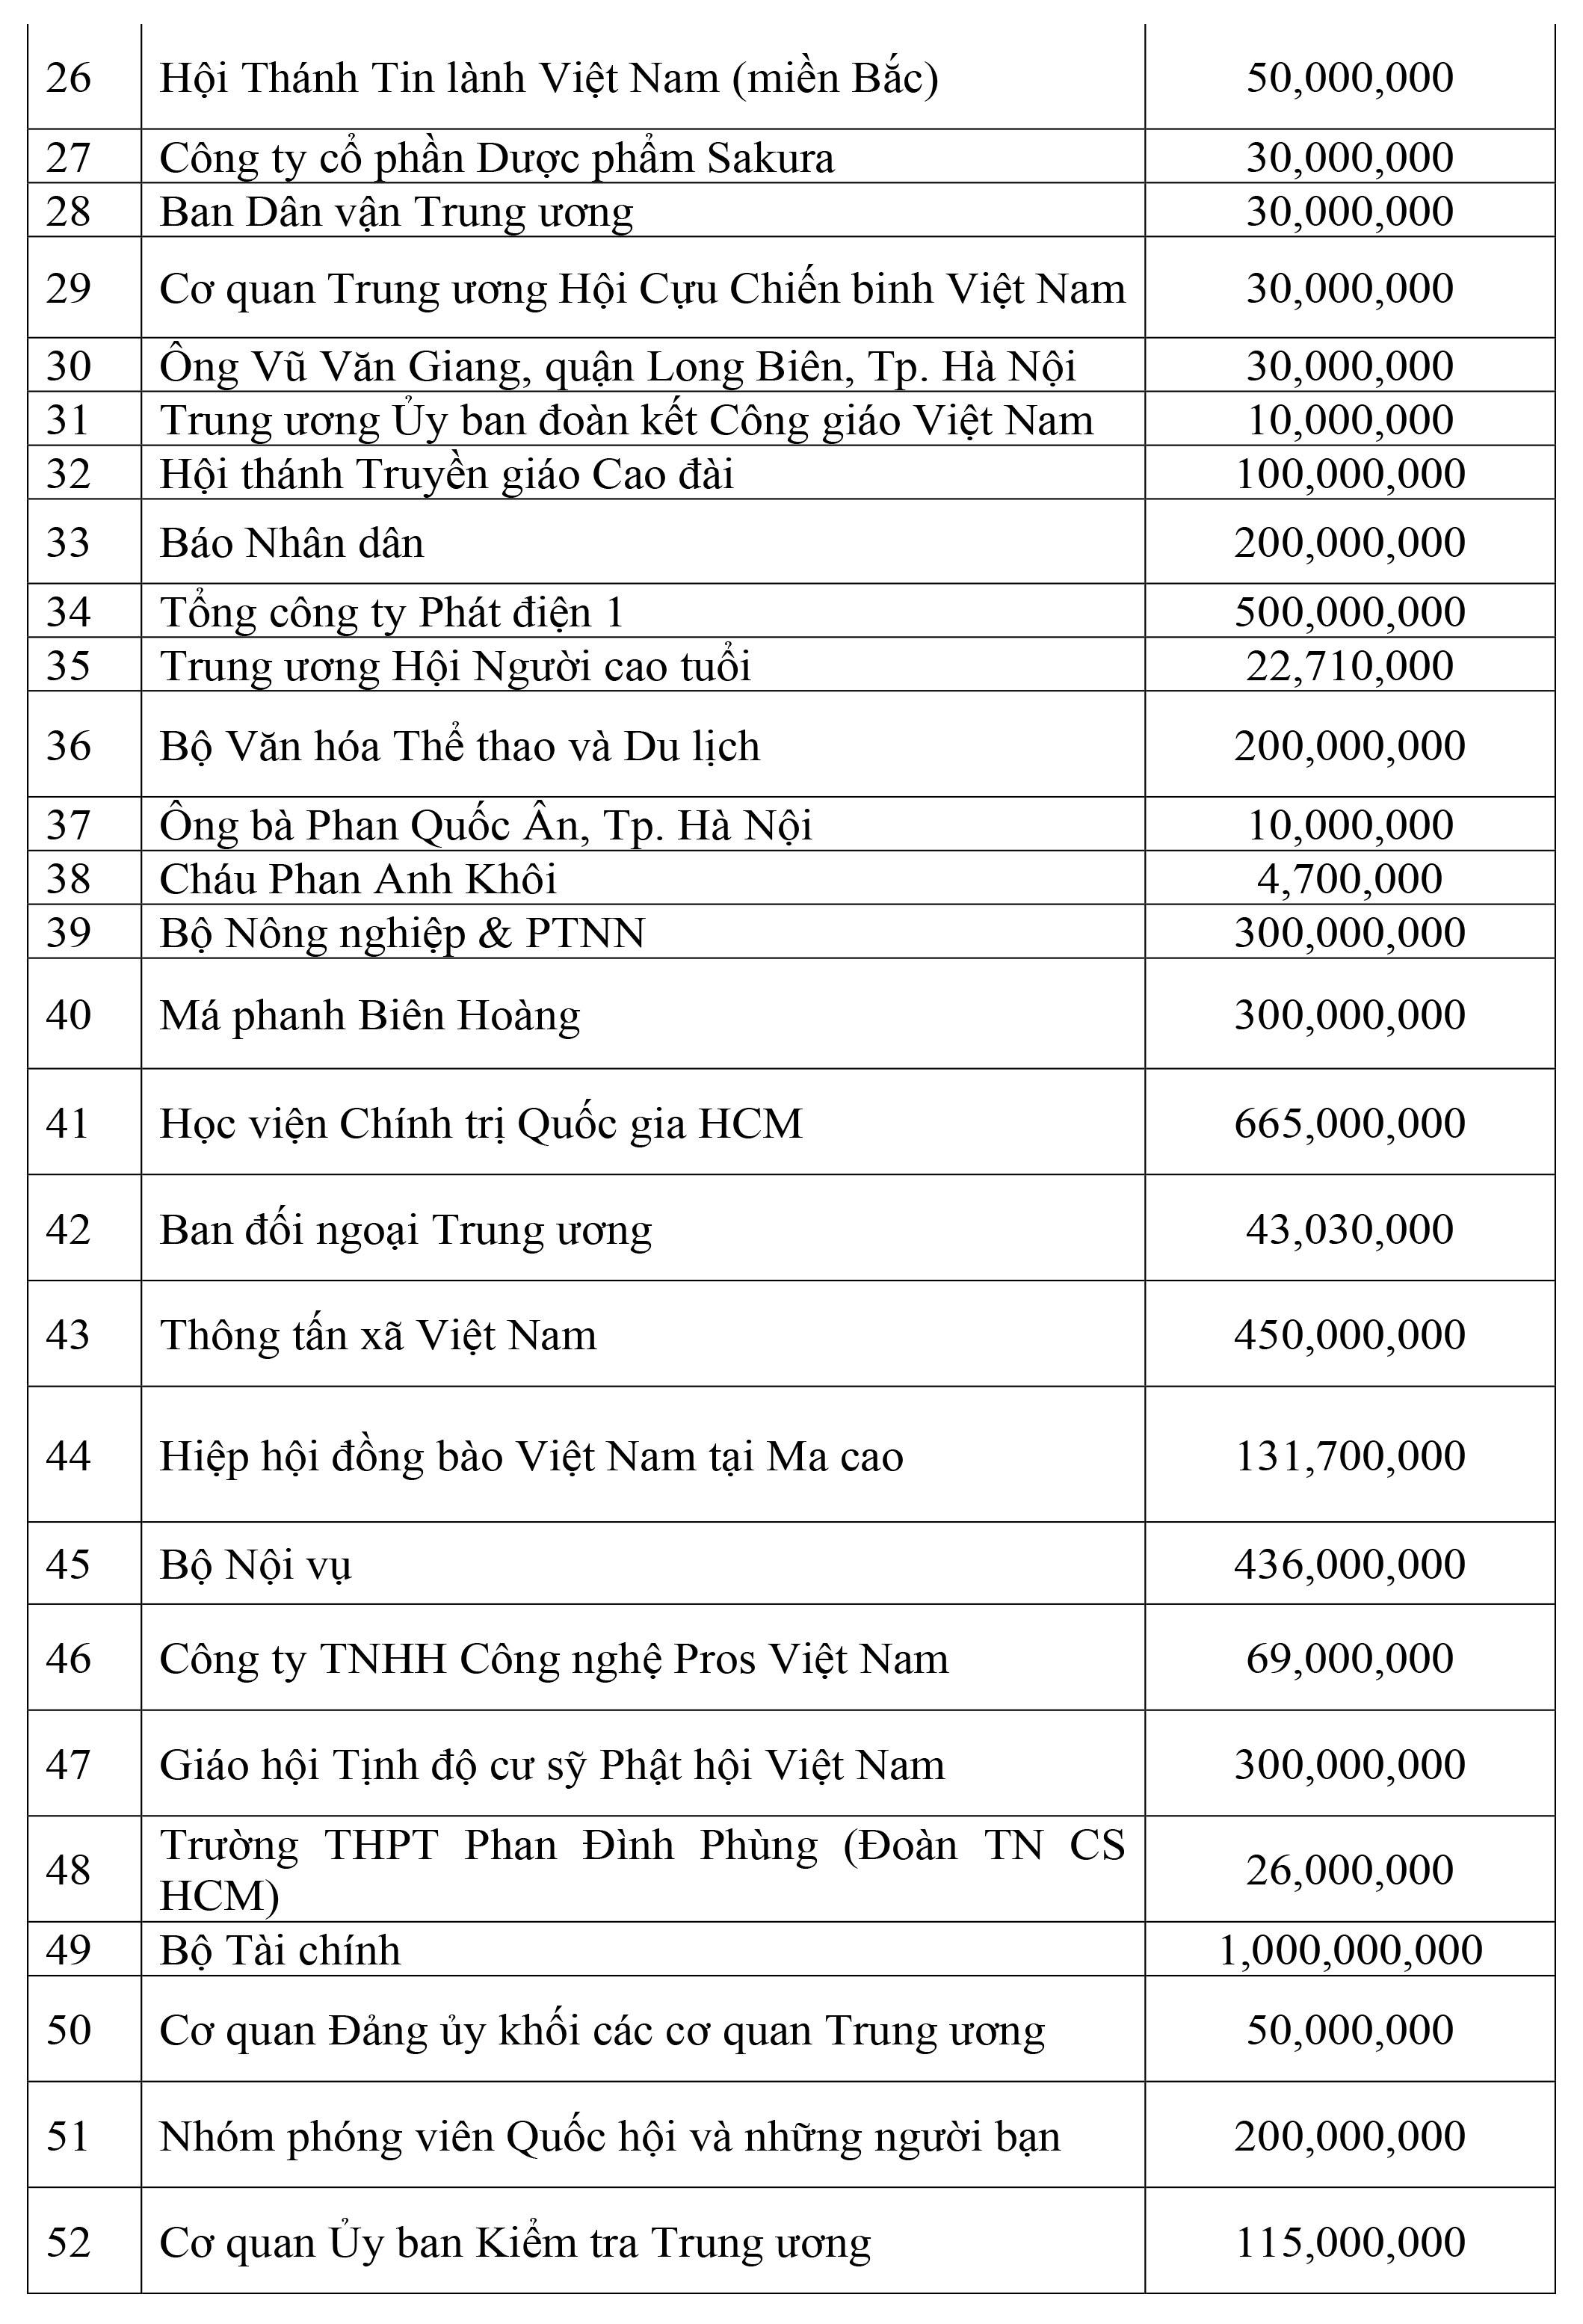 Danh sách các cơ quan, đơn vị, doanh nghiệp, tổ chức và cá nhân ủng hộ công tác phòng, chống dịch thông qua UBTƯ MTTQ Việt Nam - Ảnh 2